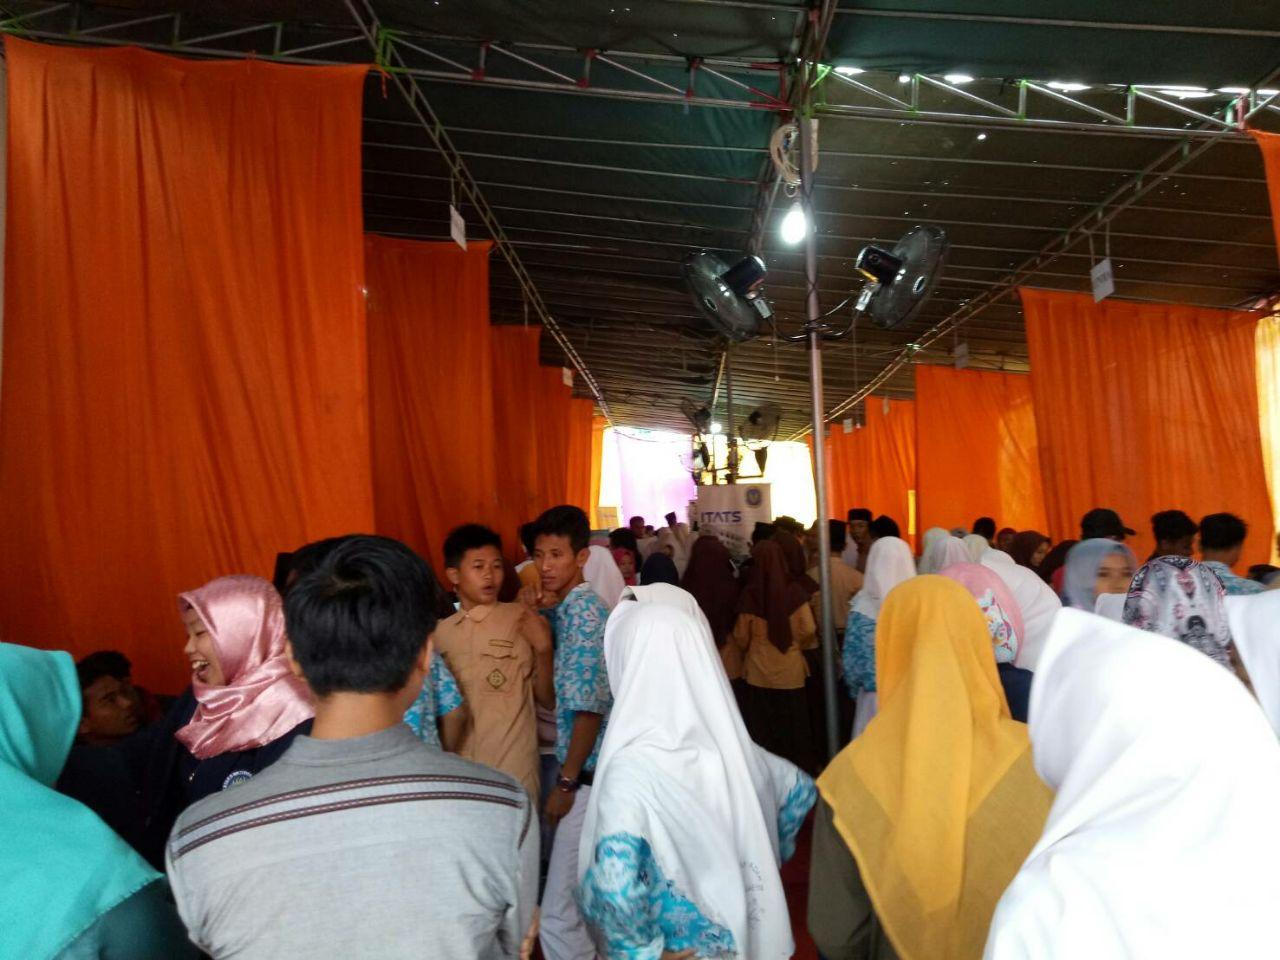 Panitia Assa'adah Campus Expo 2018